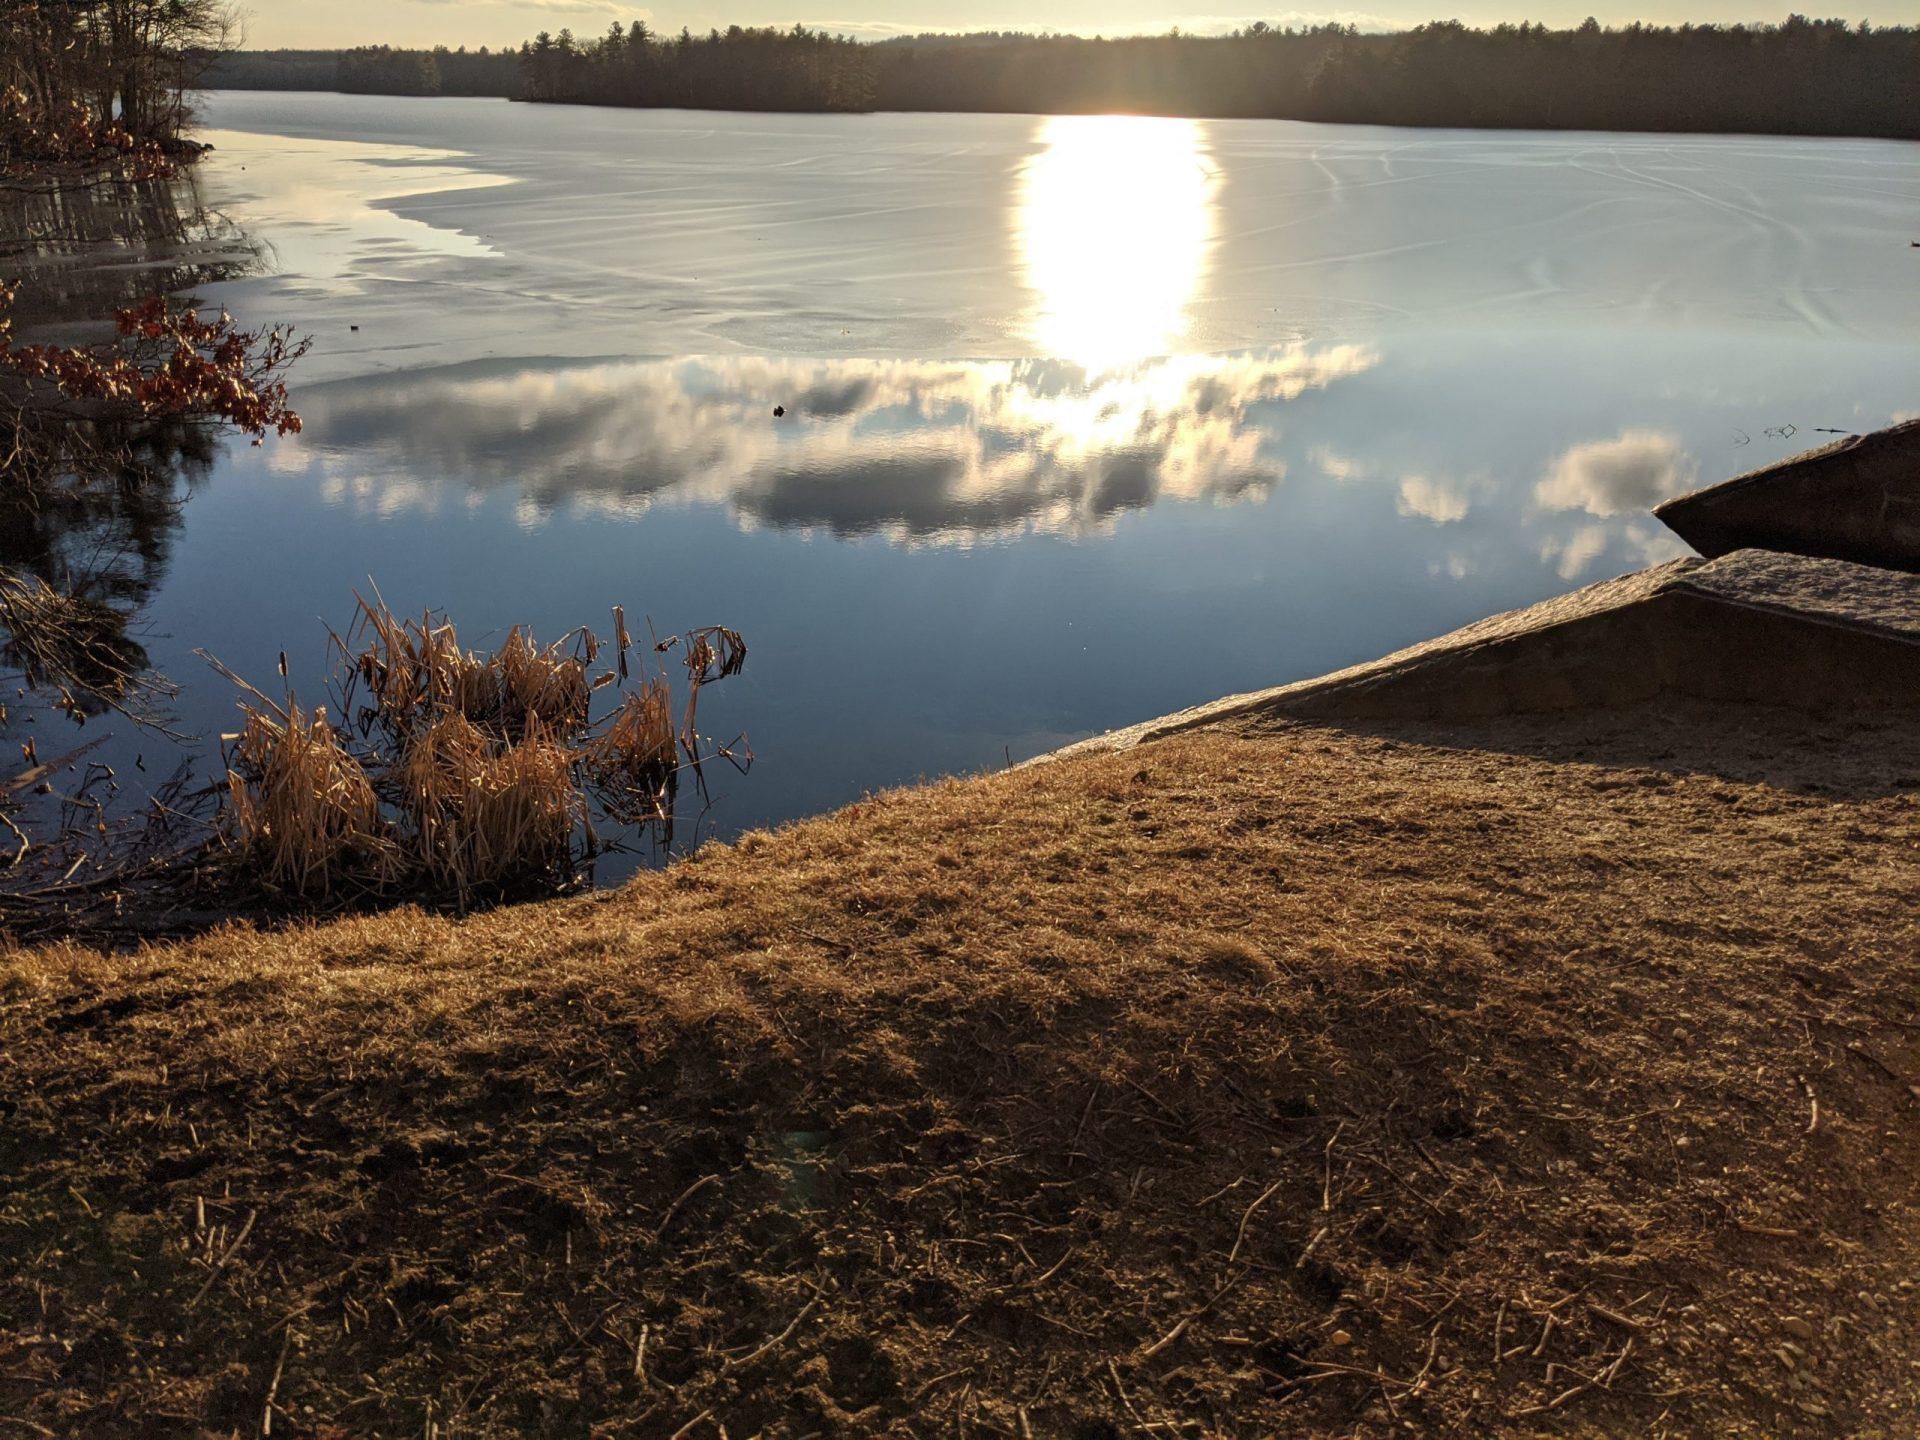 Sunset over melting ice February 2020